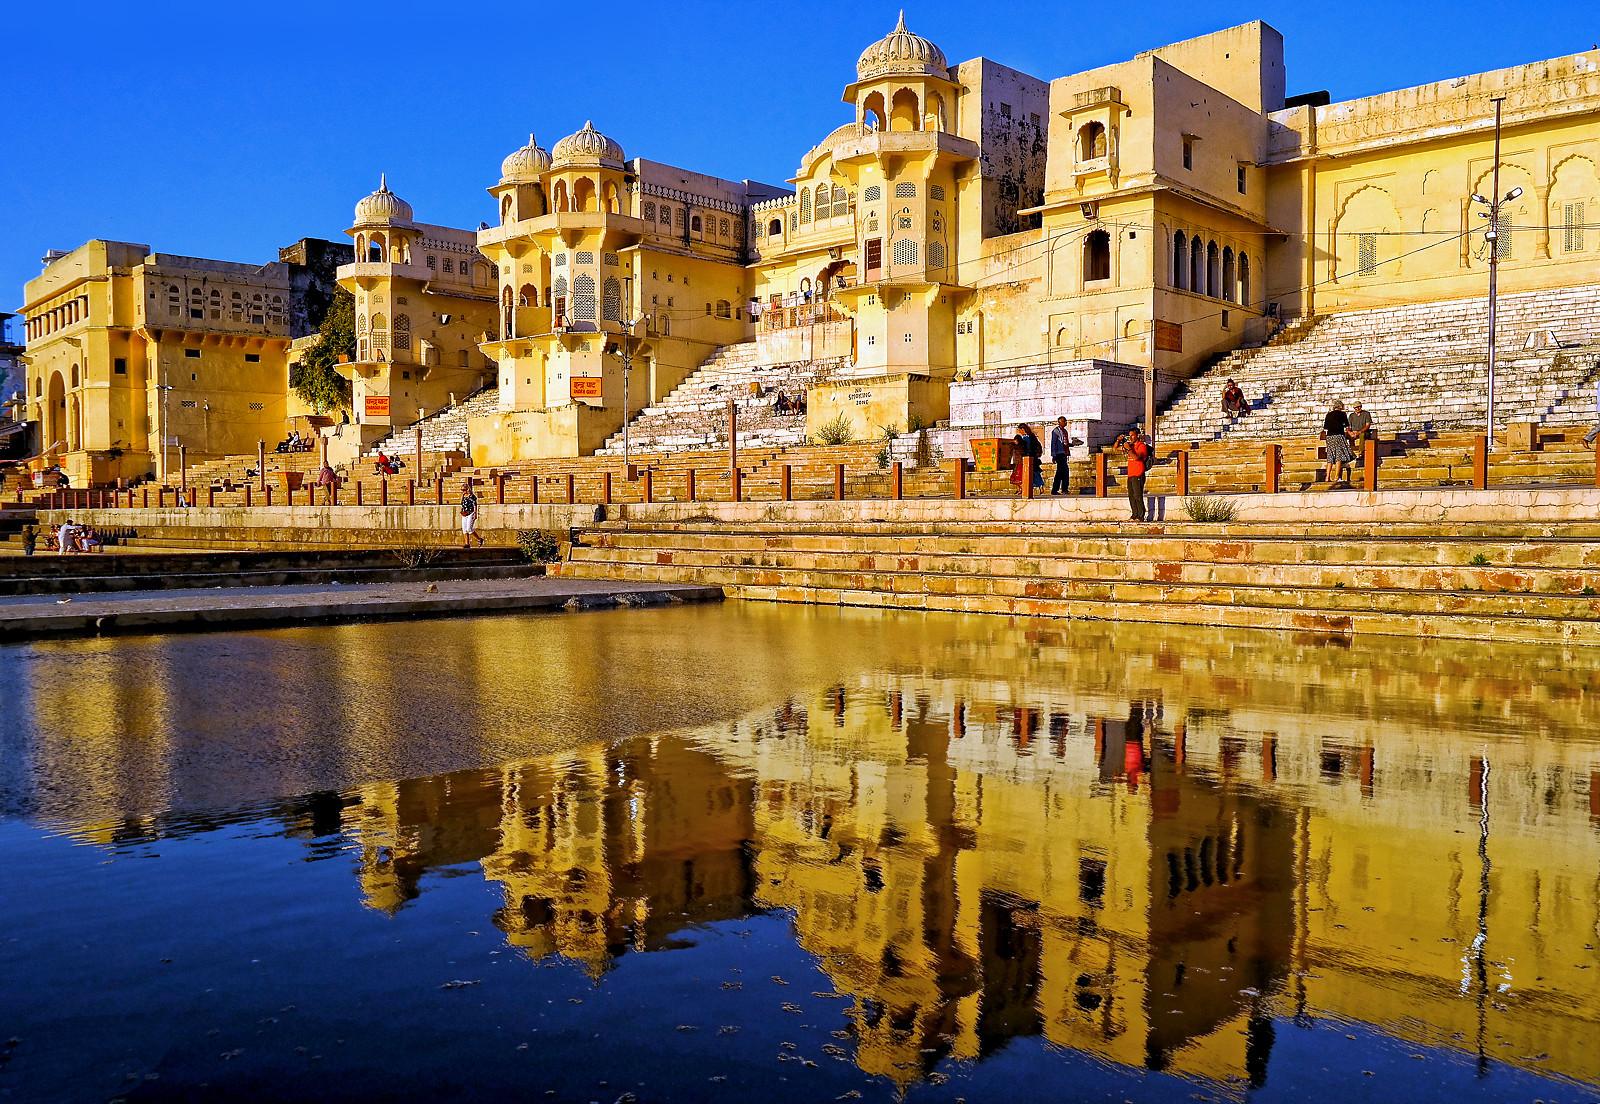 The prayer ghats of Pushkar Lake Rajasthan